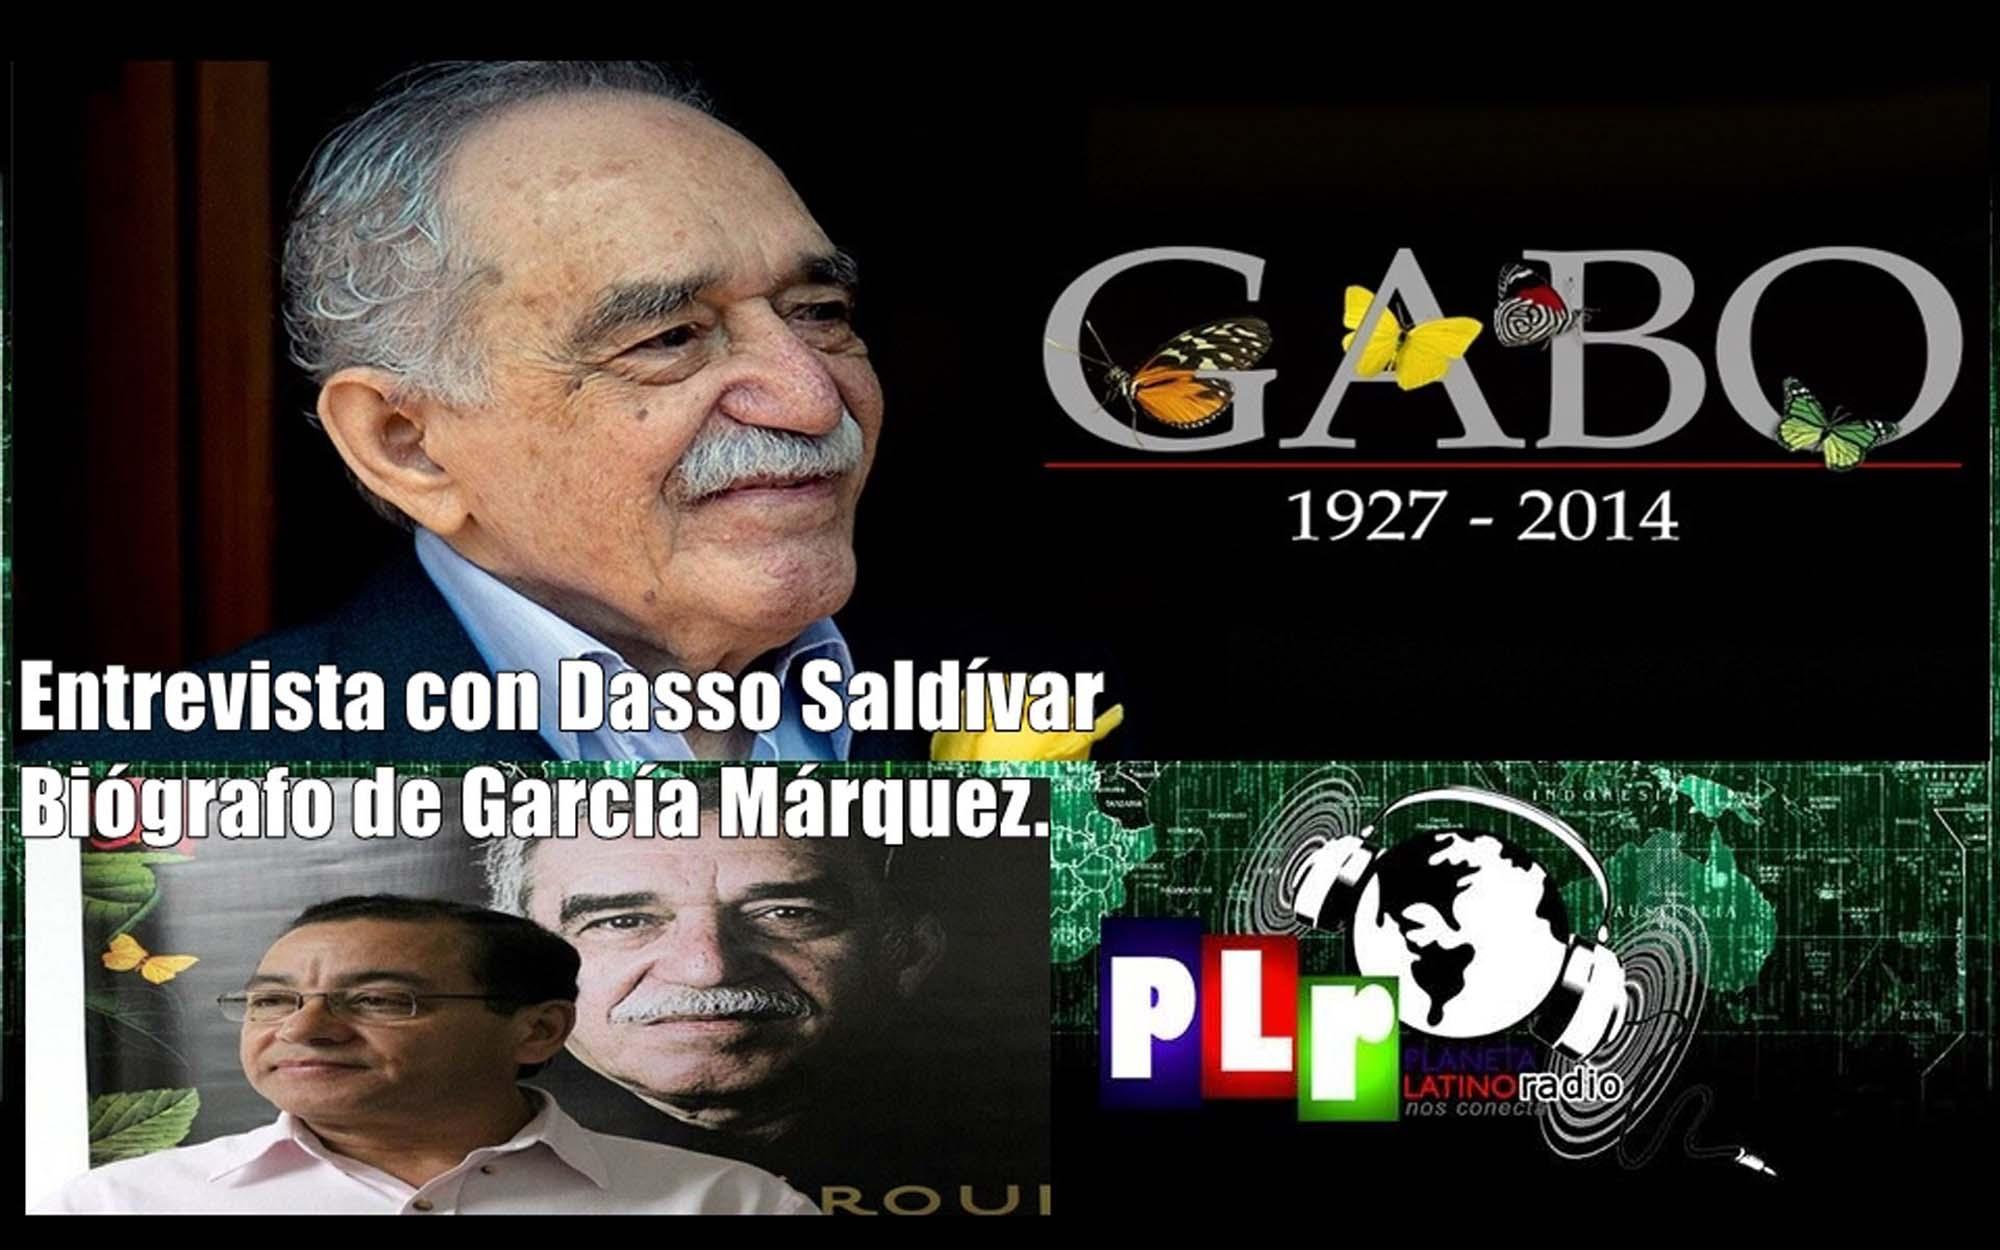 García Márquez, 90 años de su nacimiento. Entrevista con su biógrafo Dasso Saldívar